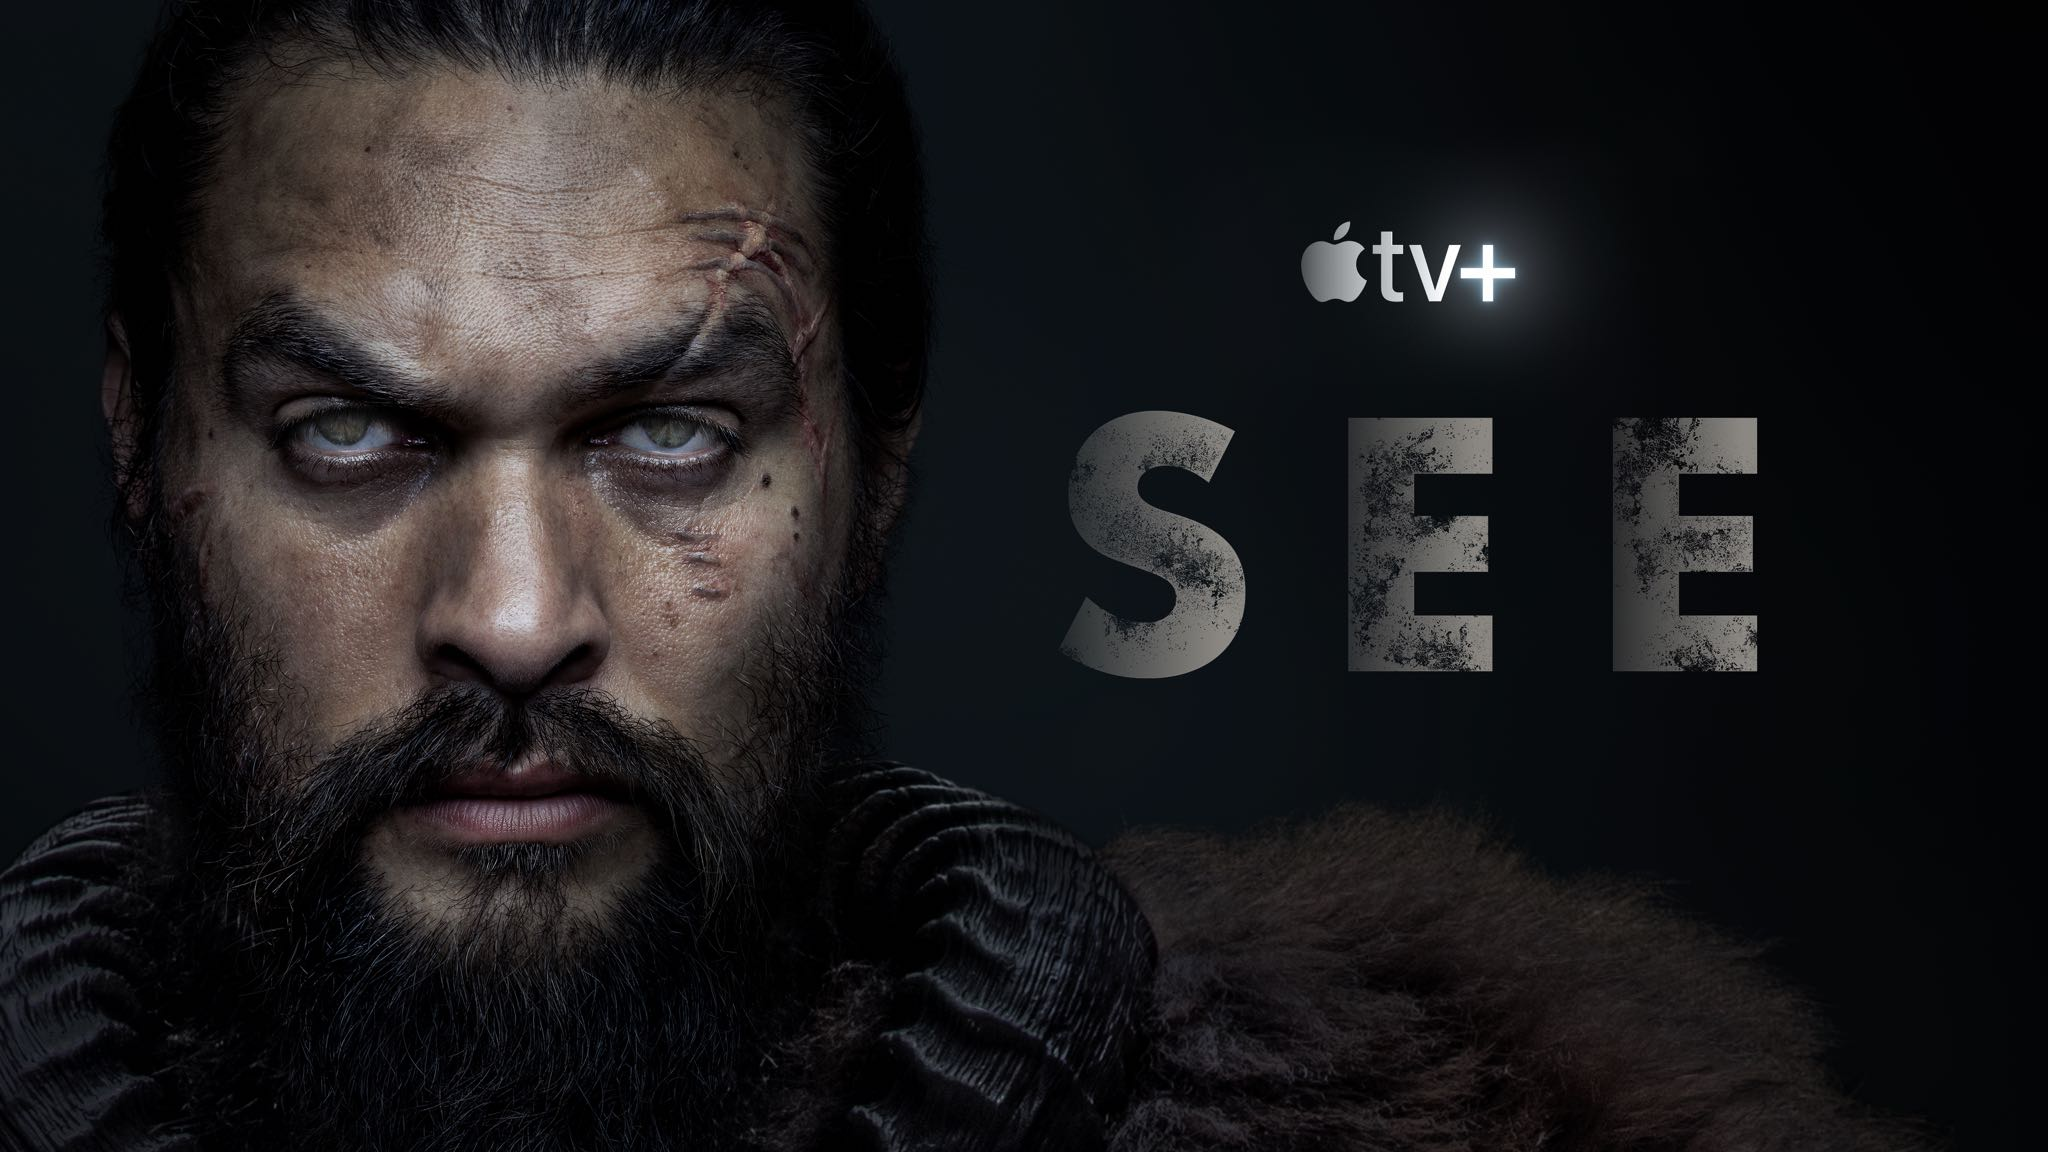 درباره سریال جدید SEE(دیدن)